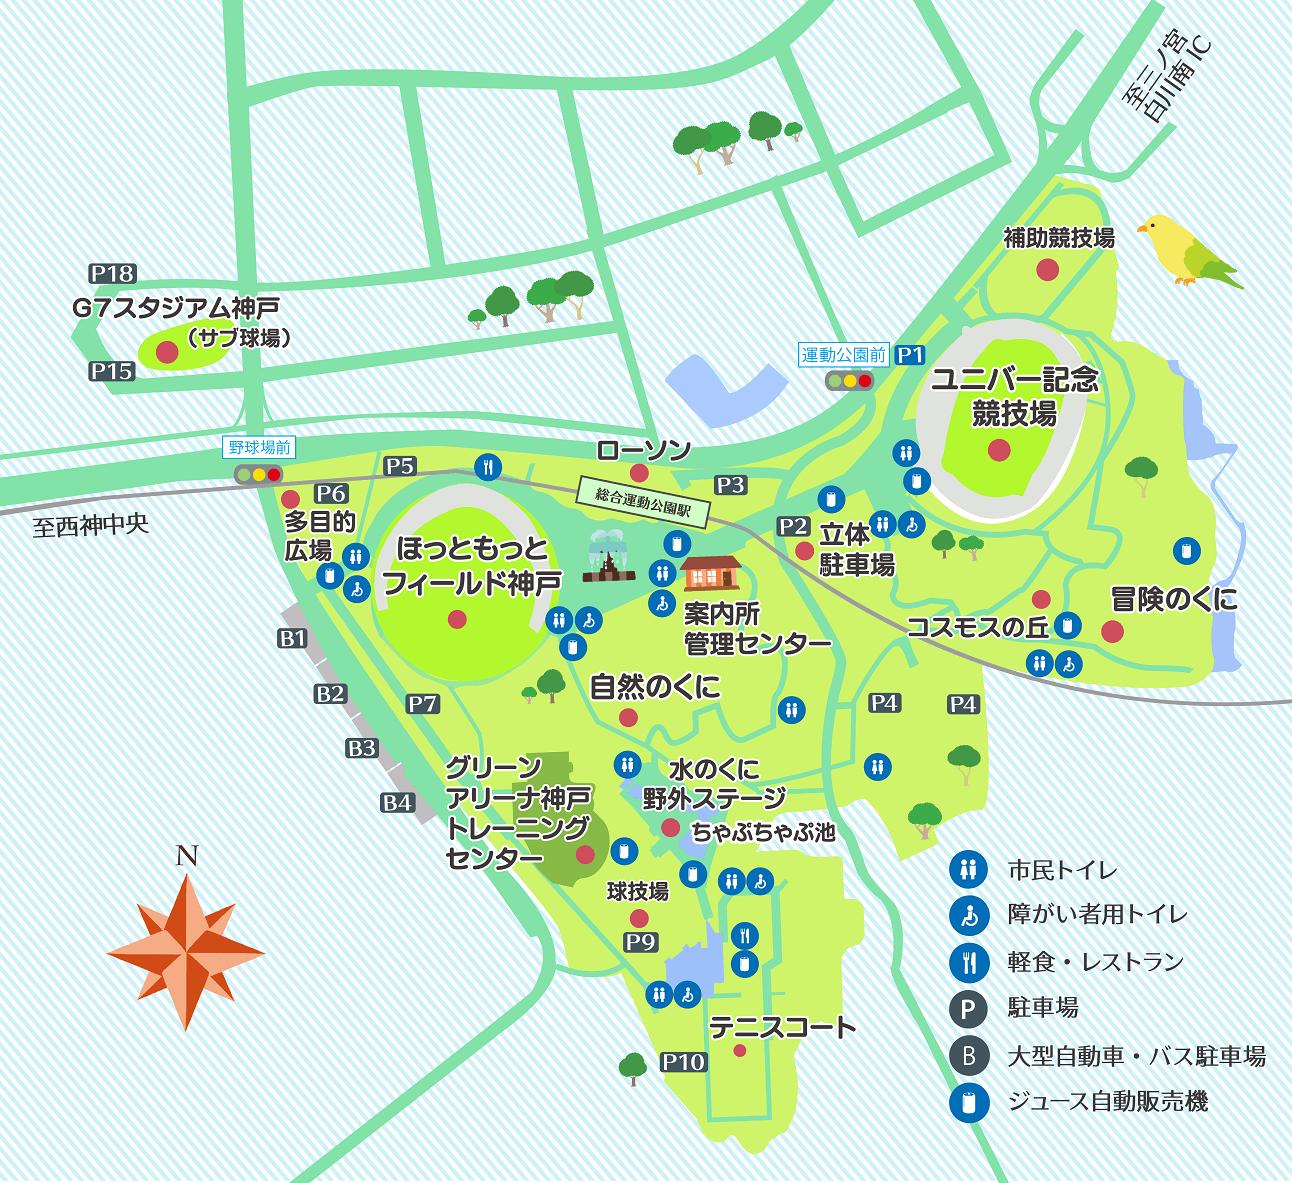 Kobe Sports Park map